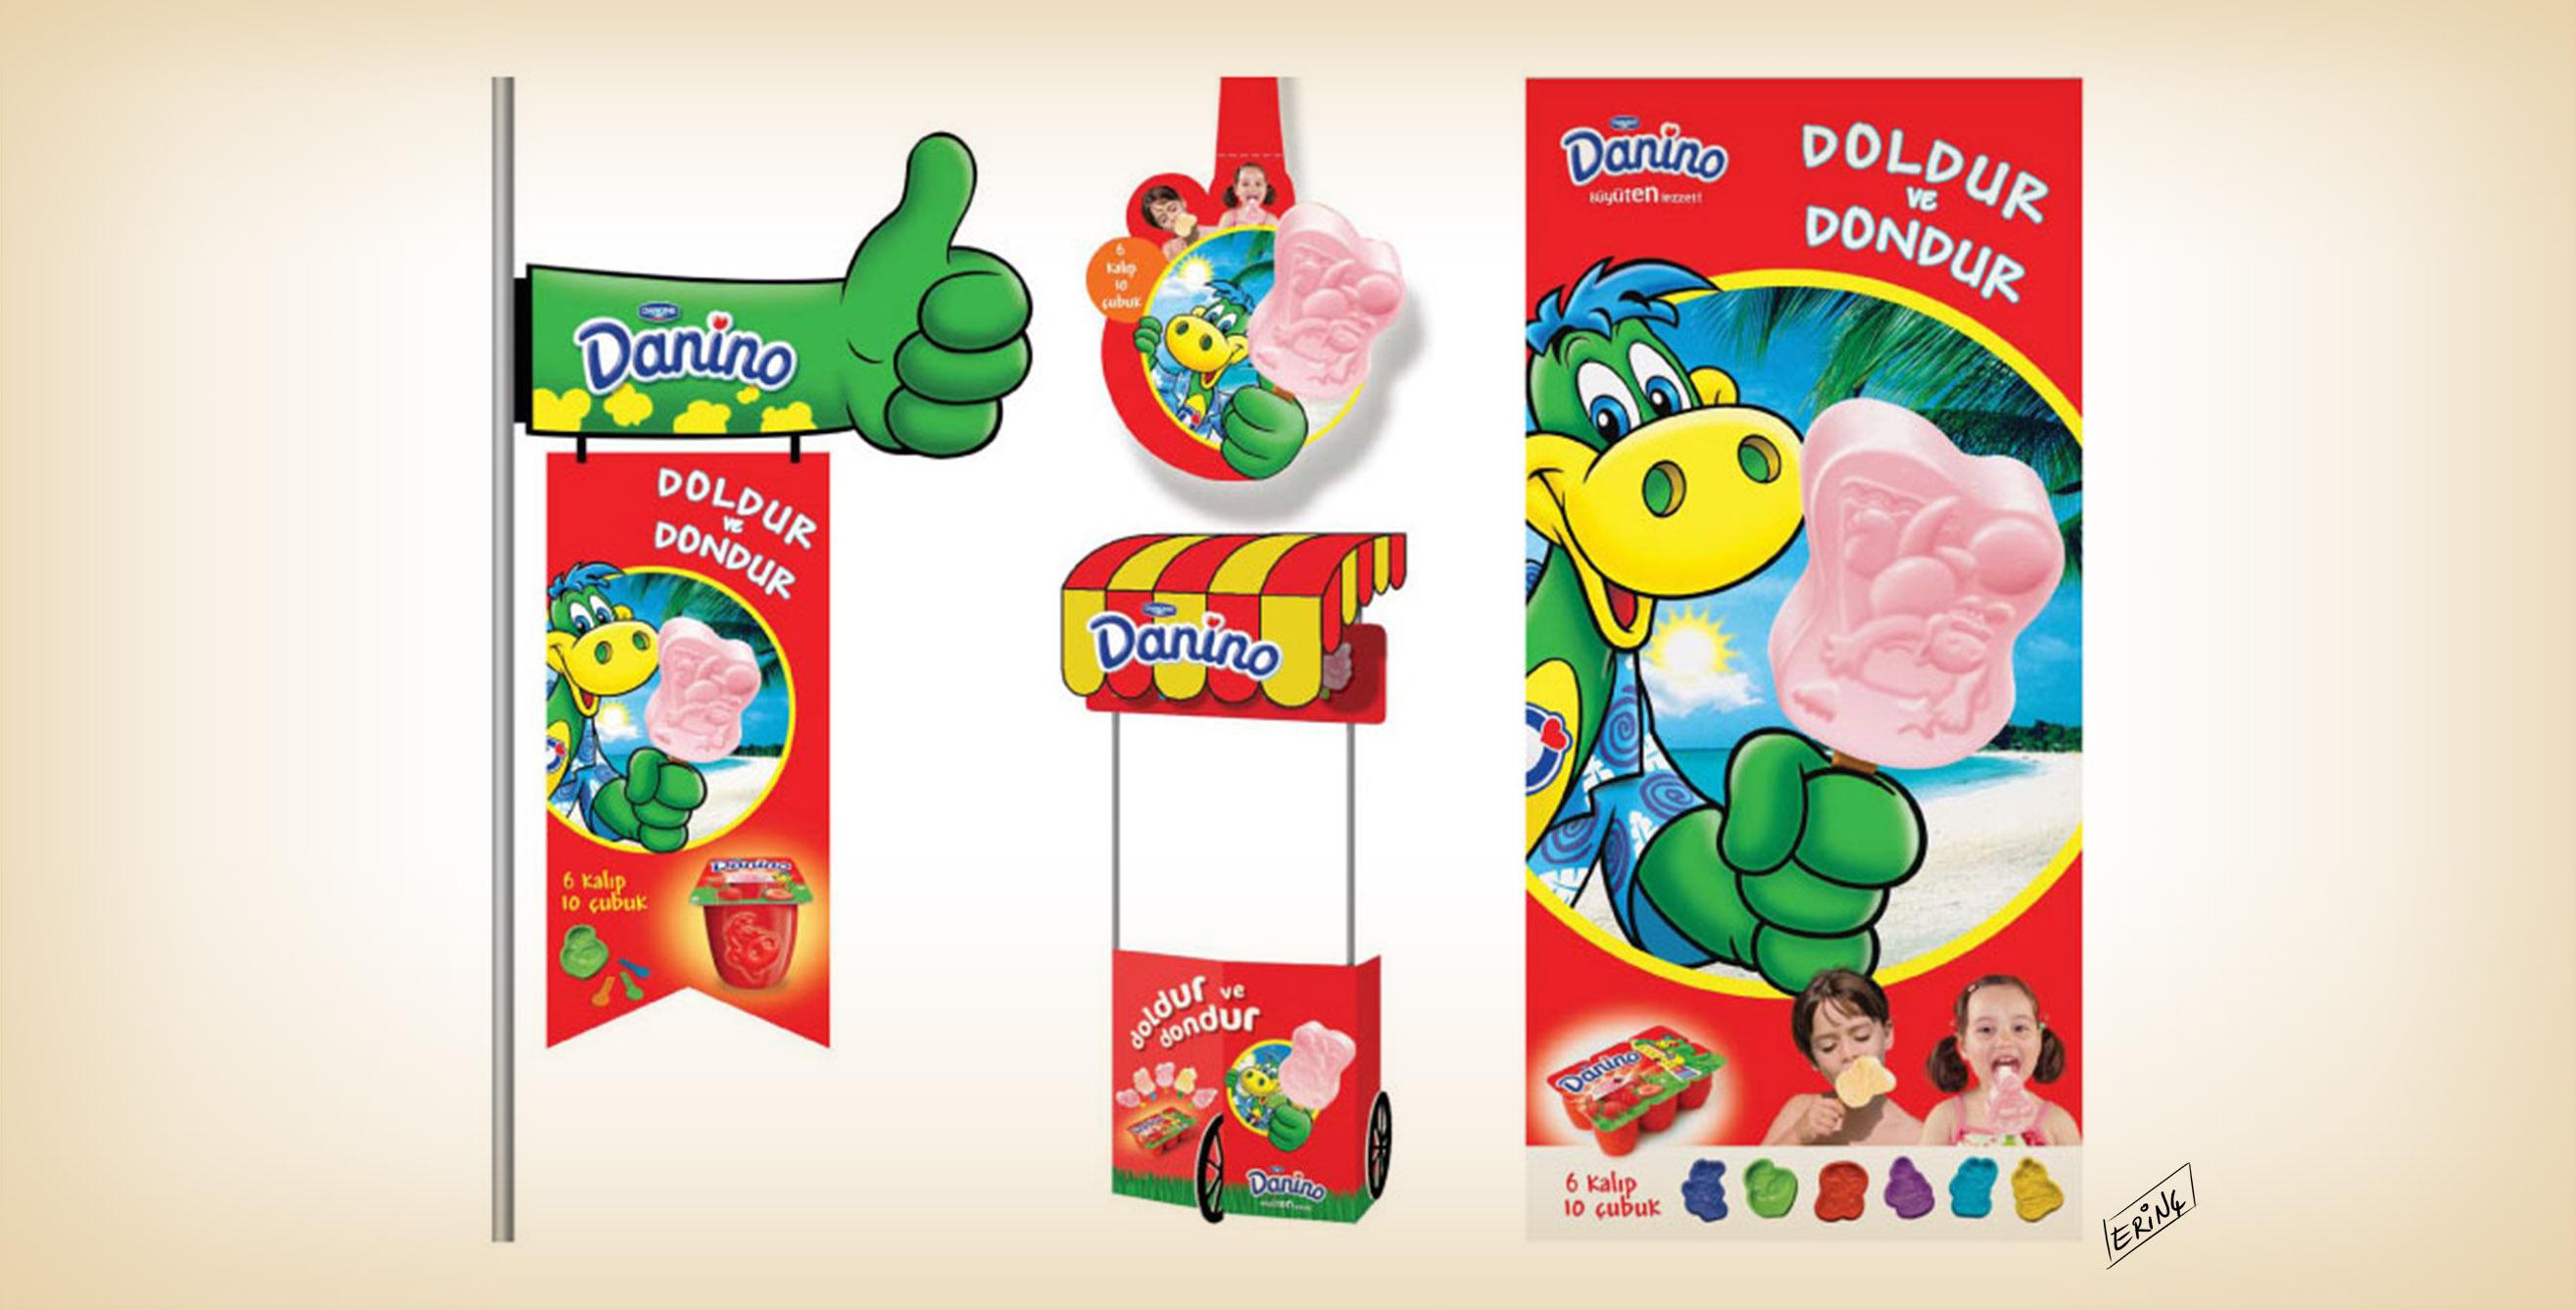 Danone-Danonino summer campaign